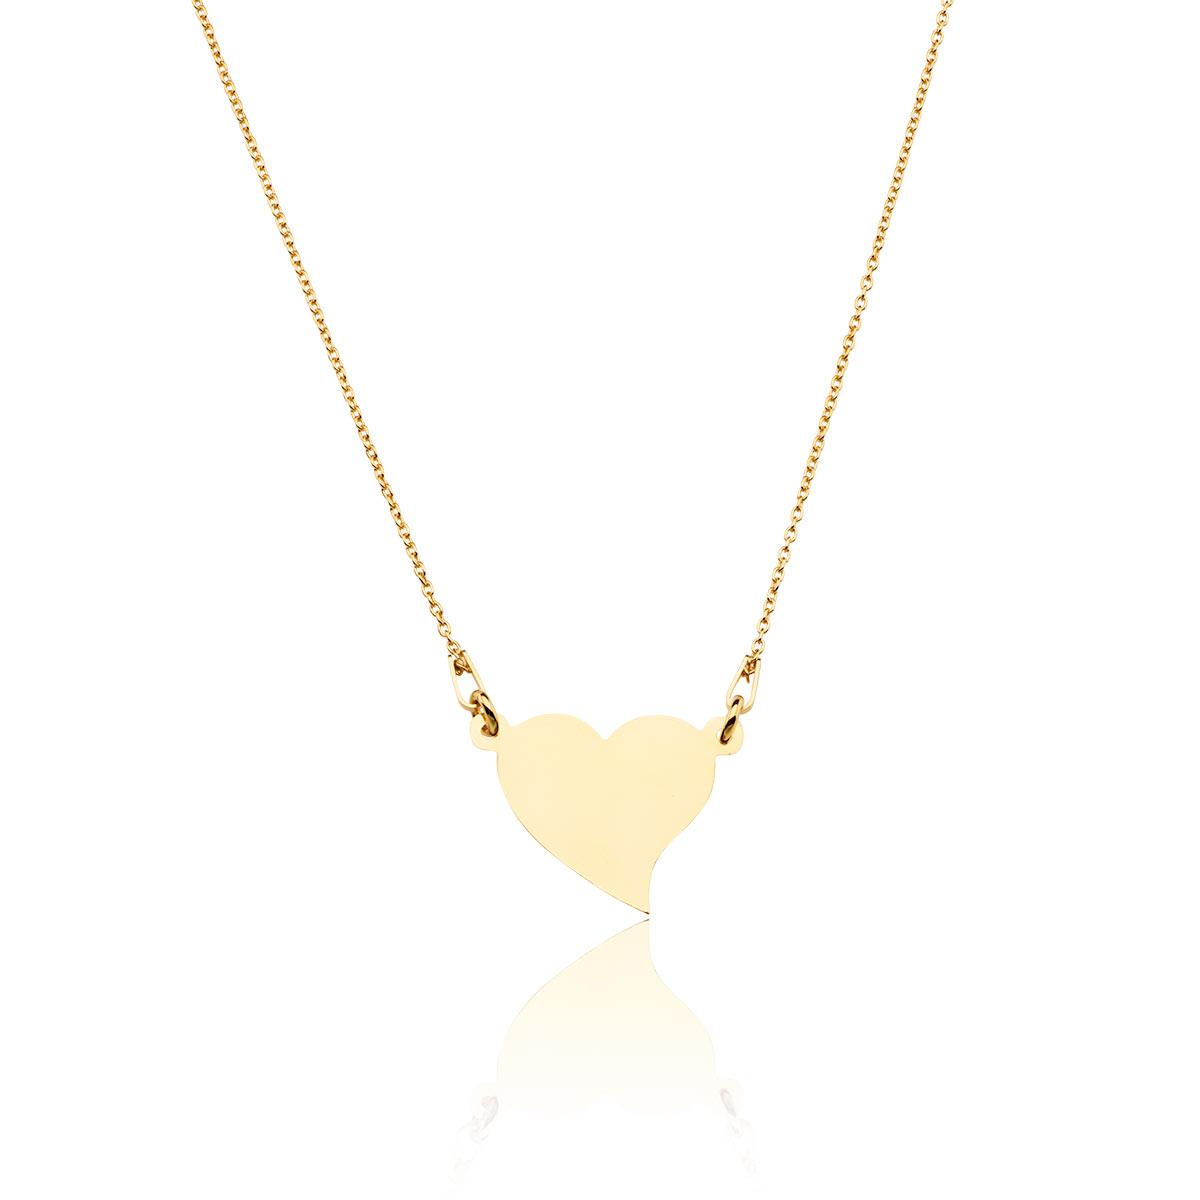 e0bb8ba77a5f0a Modna biżuteria - Celebrytka , naszyjnik z serduszkiem